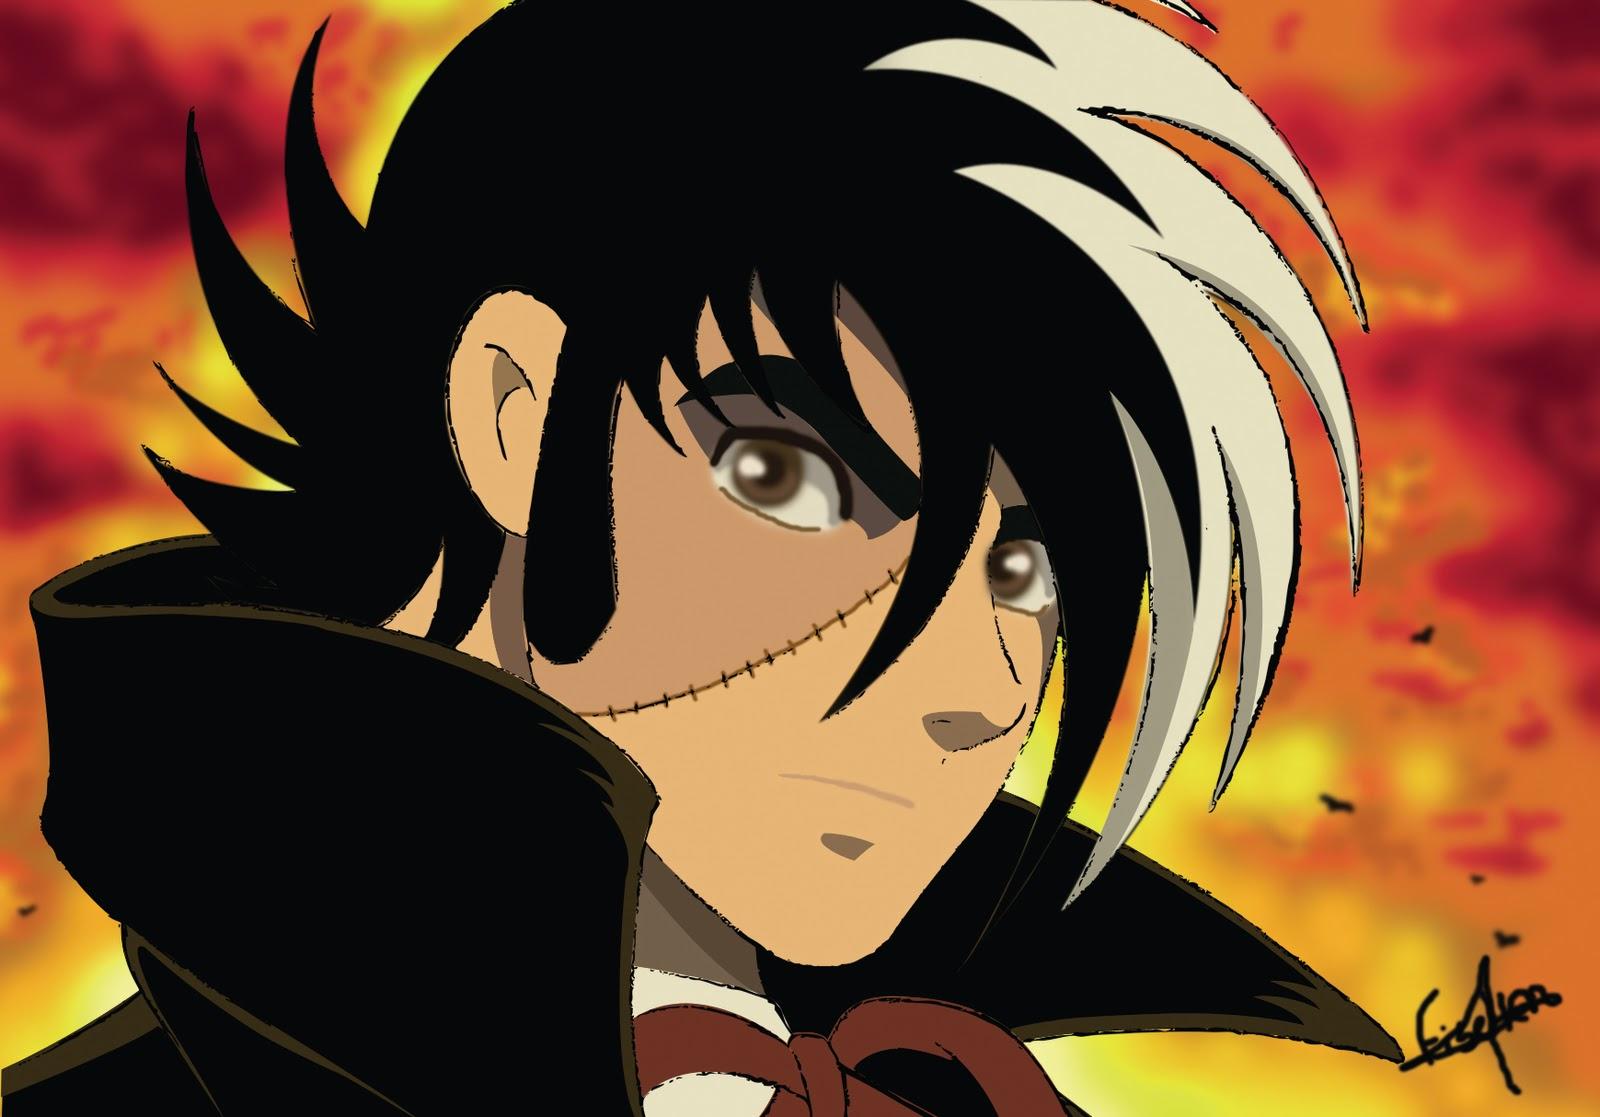 Anime e Mangá Papéis de Parede Ultradownloads - imagens para celular de animes